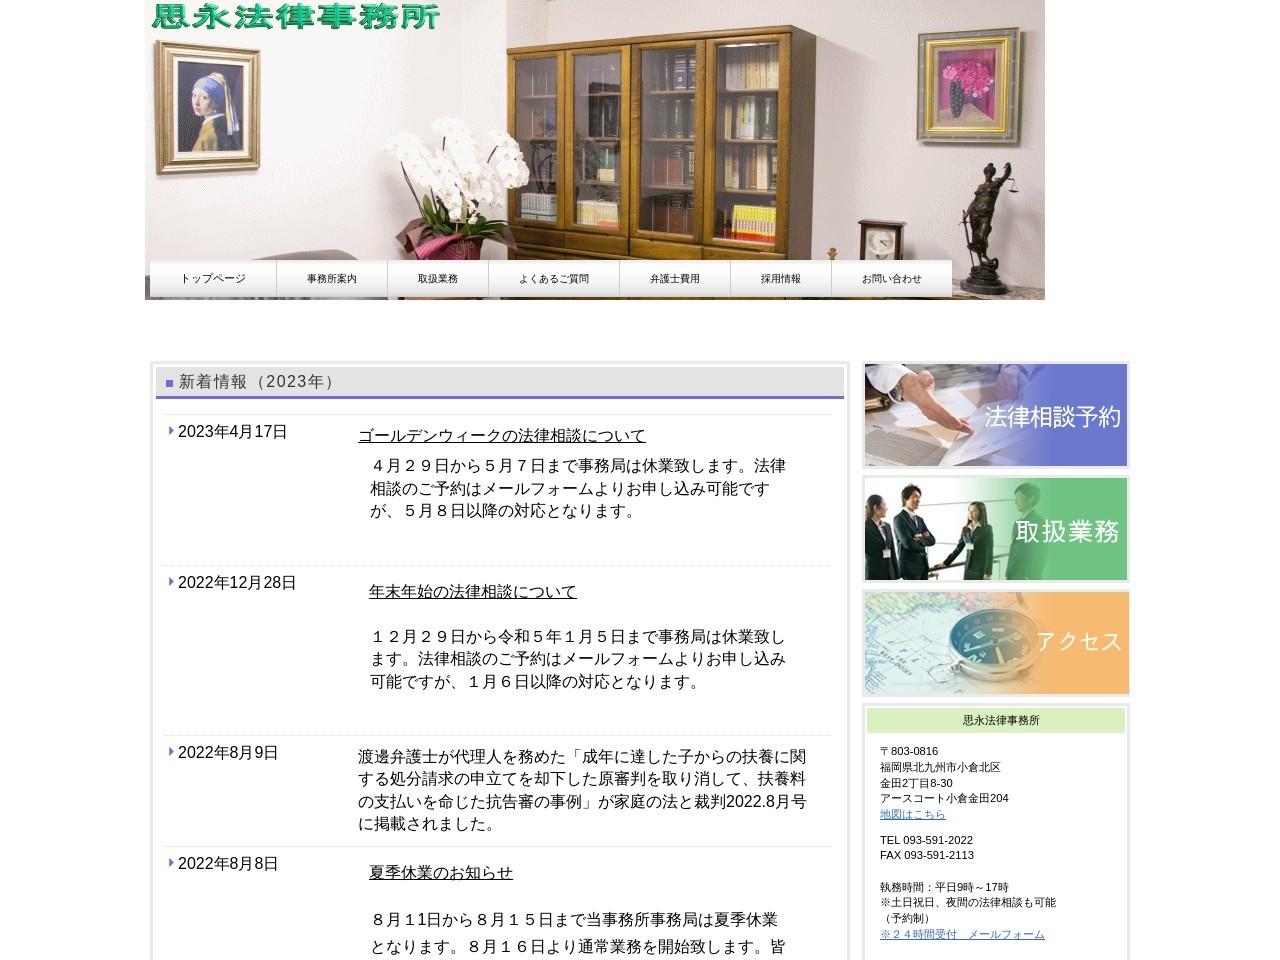 渡邊・城戸・馬場法律事務所